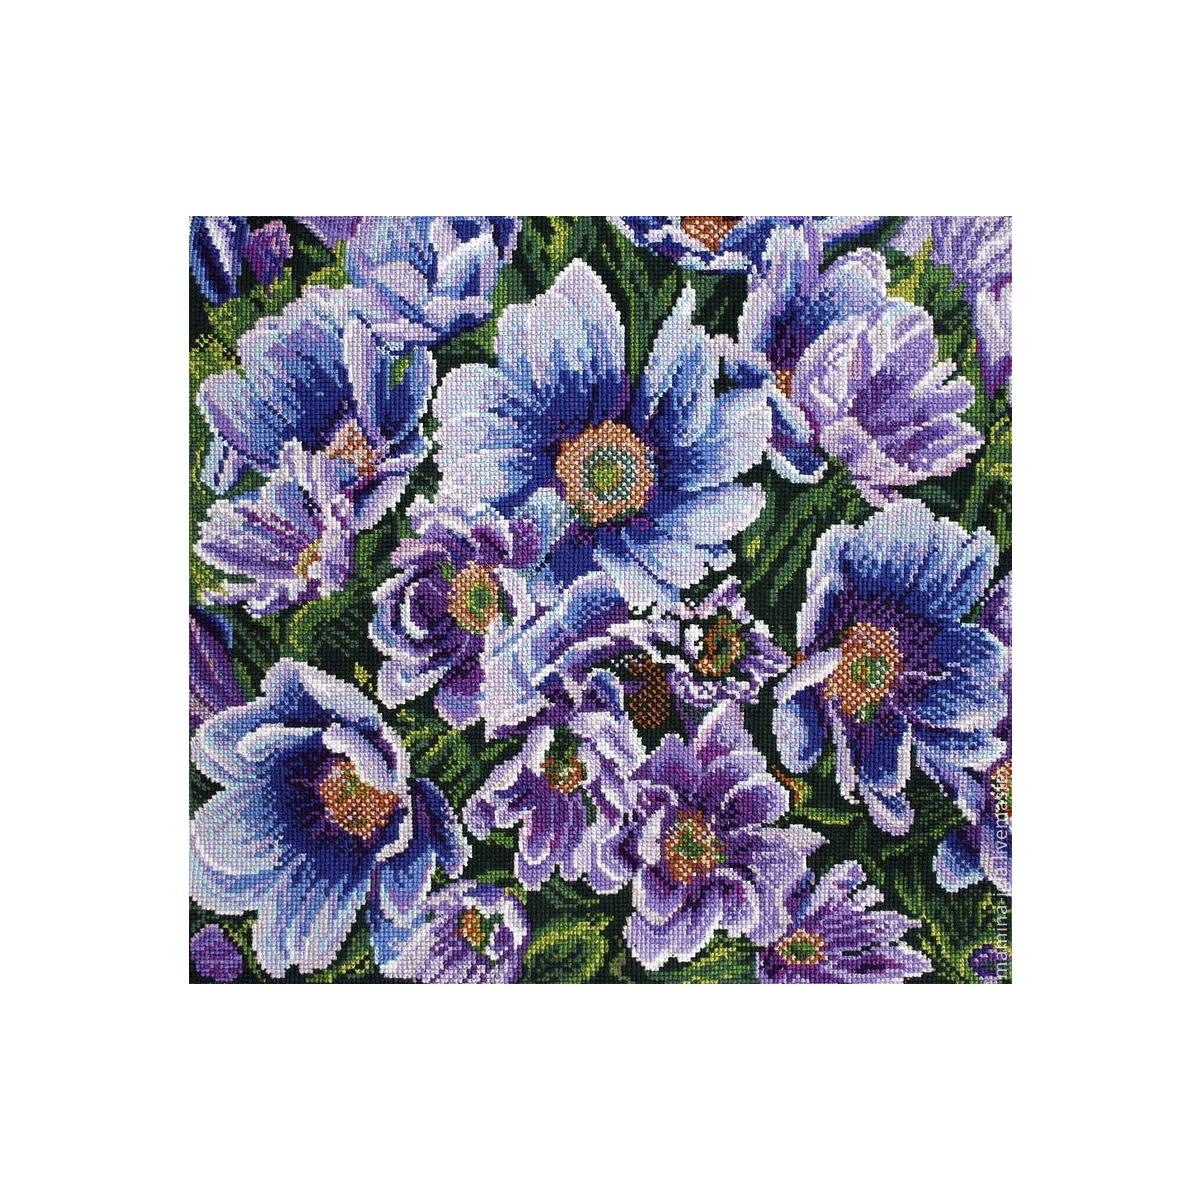 Канва с рисунком Матренин Посад Лилово-голубые цветы, 41 см х 41 см. 1211551128Размер: 41x41 см Рисунок полностью напечатан на канве. Указана цветовая карта ниток. Вышивать рекомендуется мулине в 3 сложения.